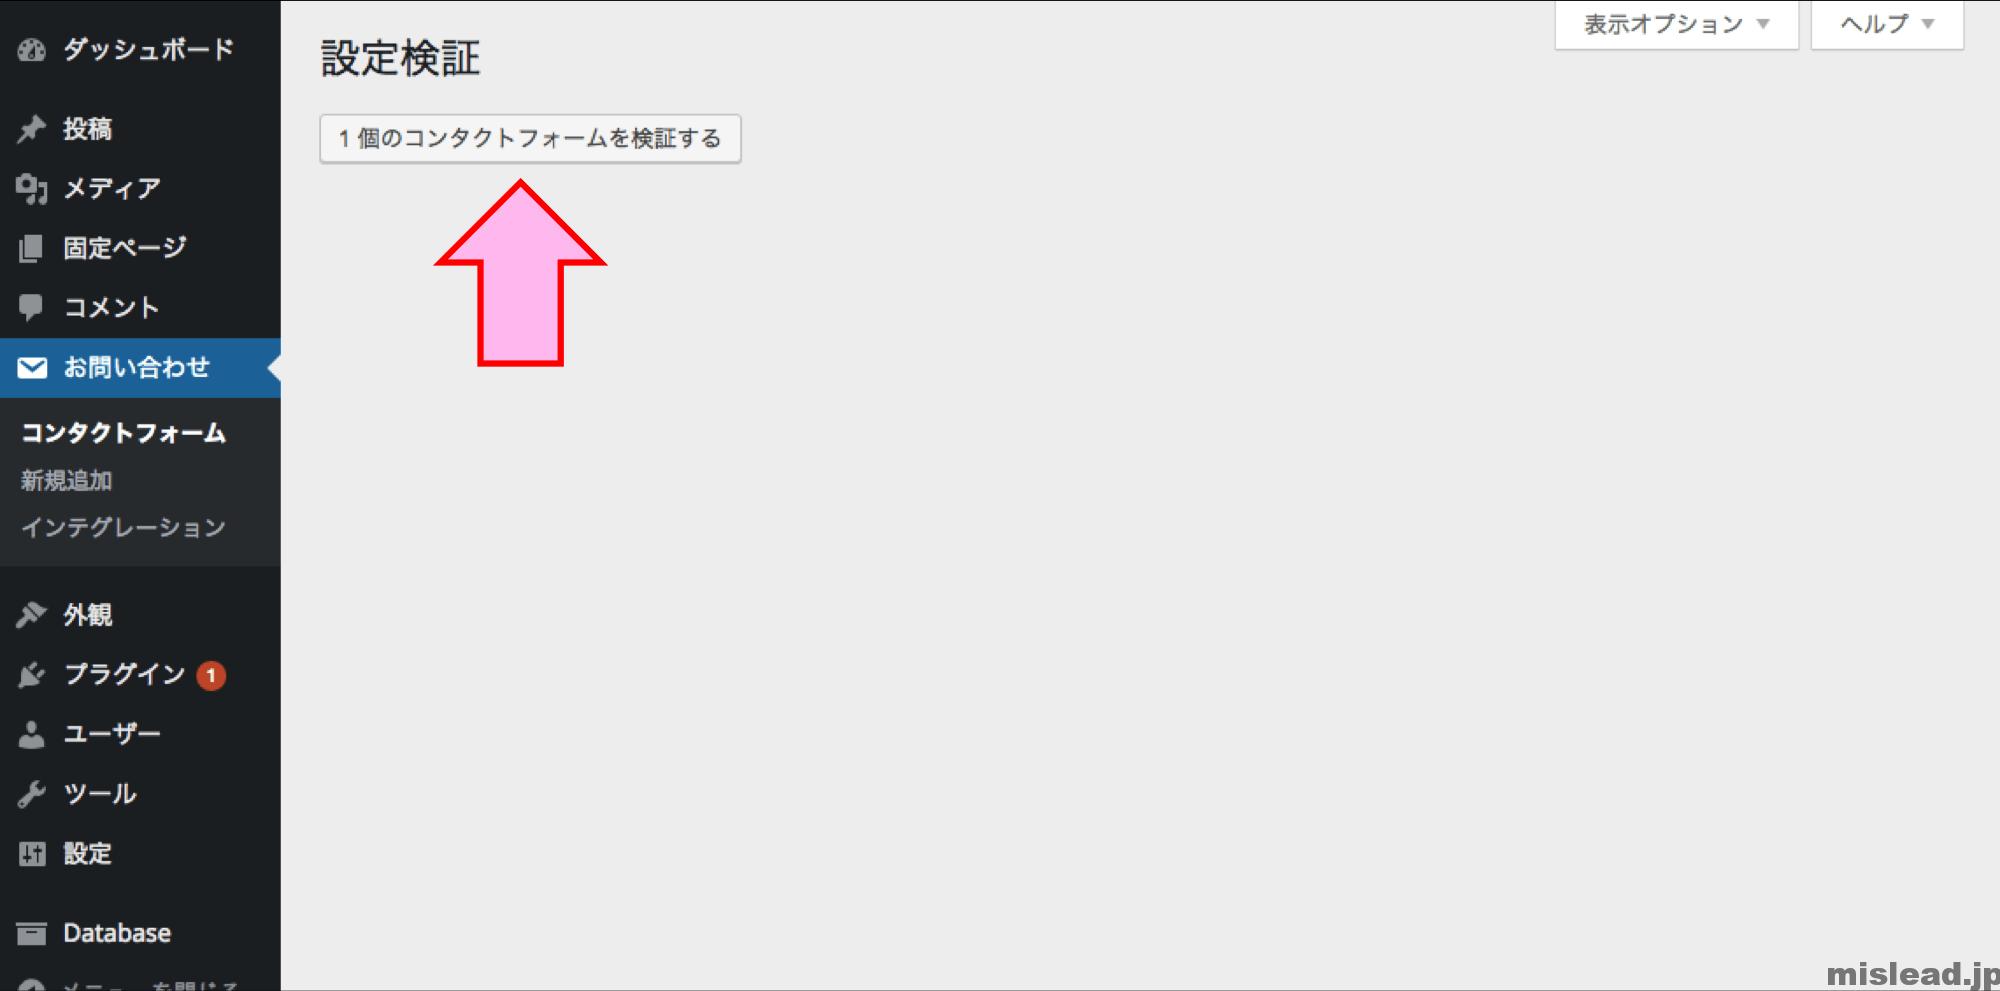 設定検証 1個のコンタクトフォームを検証する